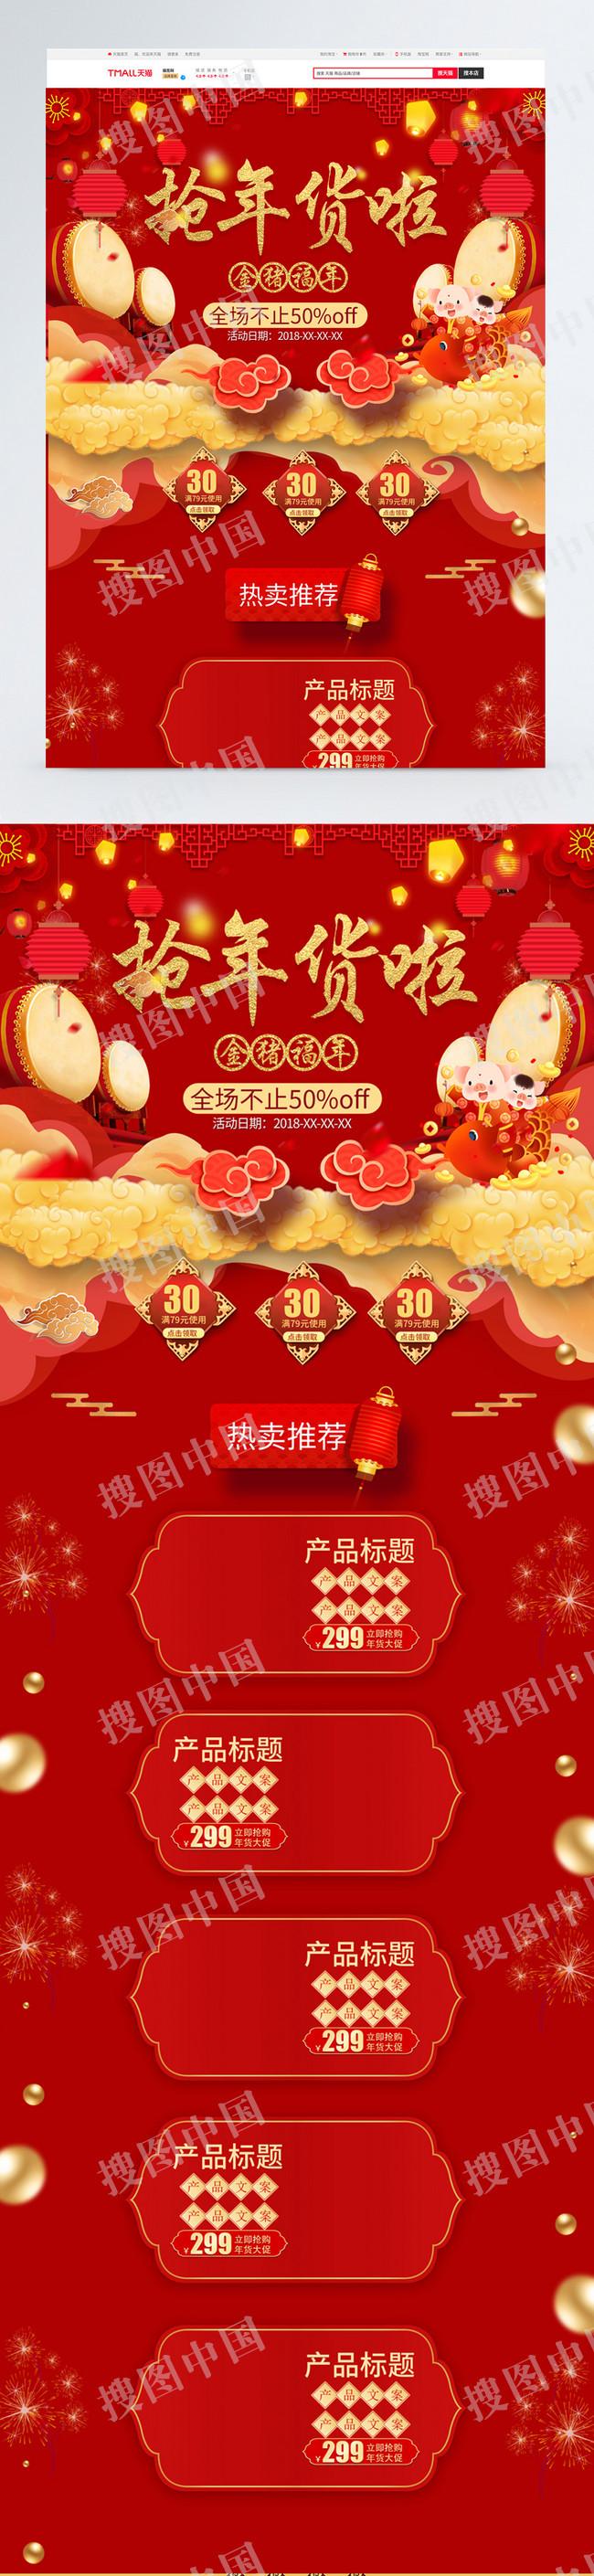 年货节红色喜庆氛围淘宝天猫首页模板